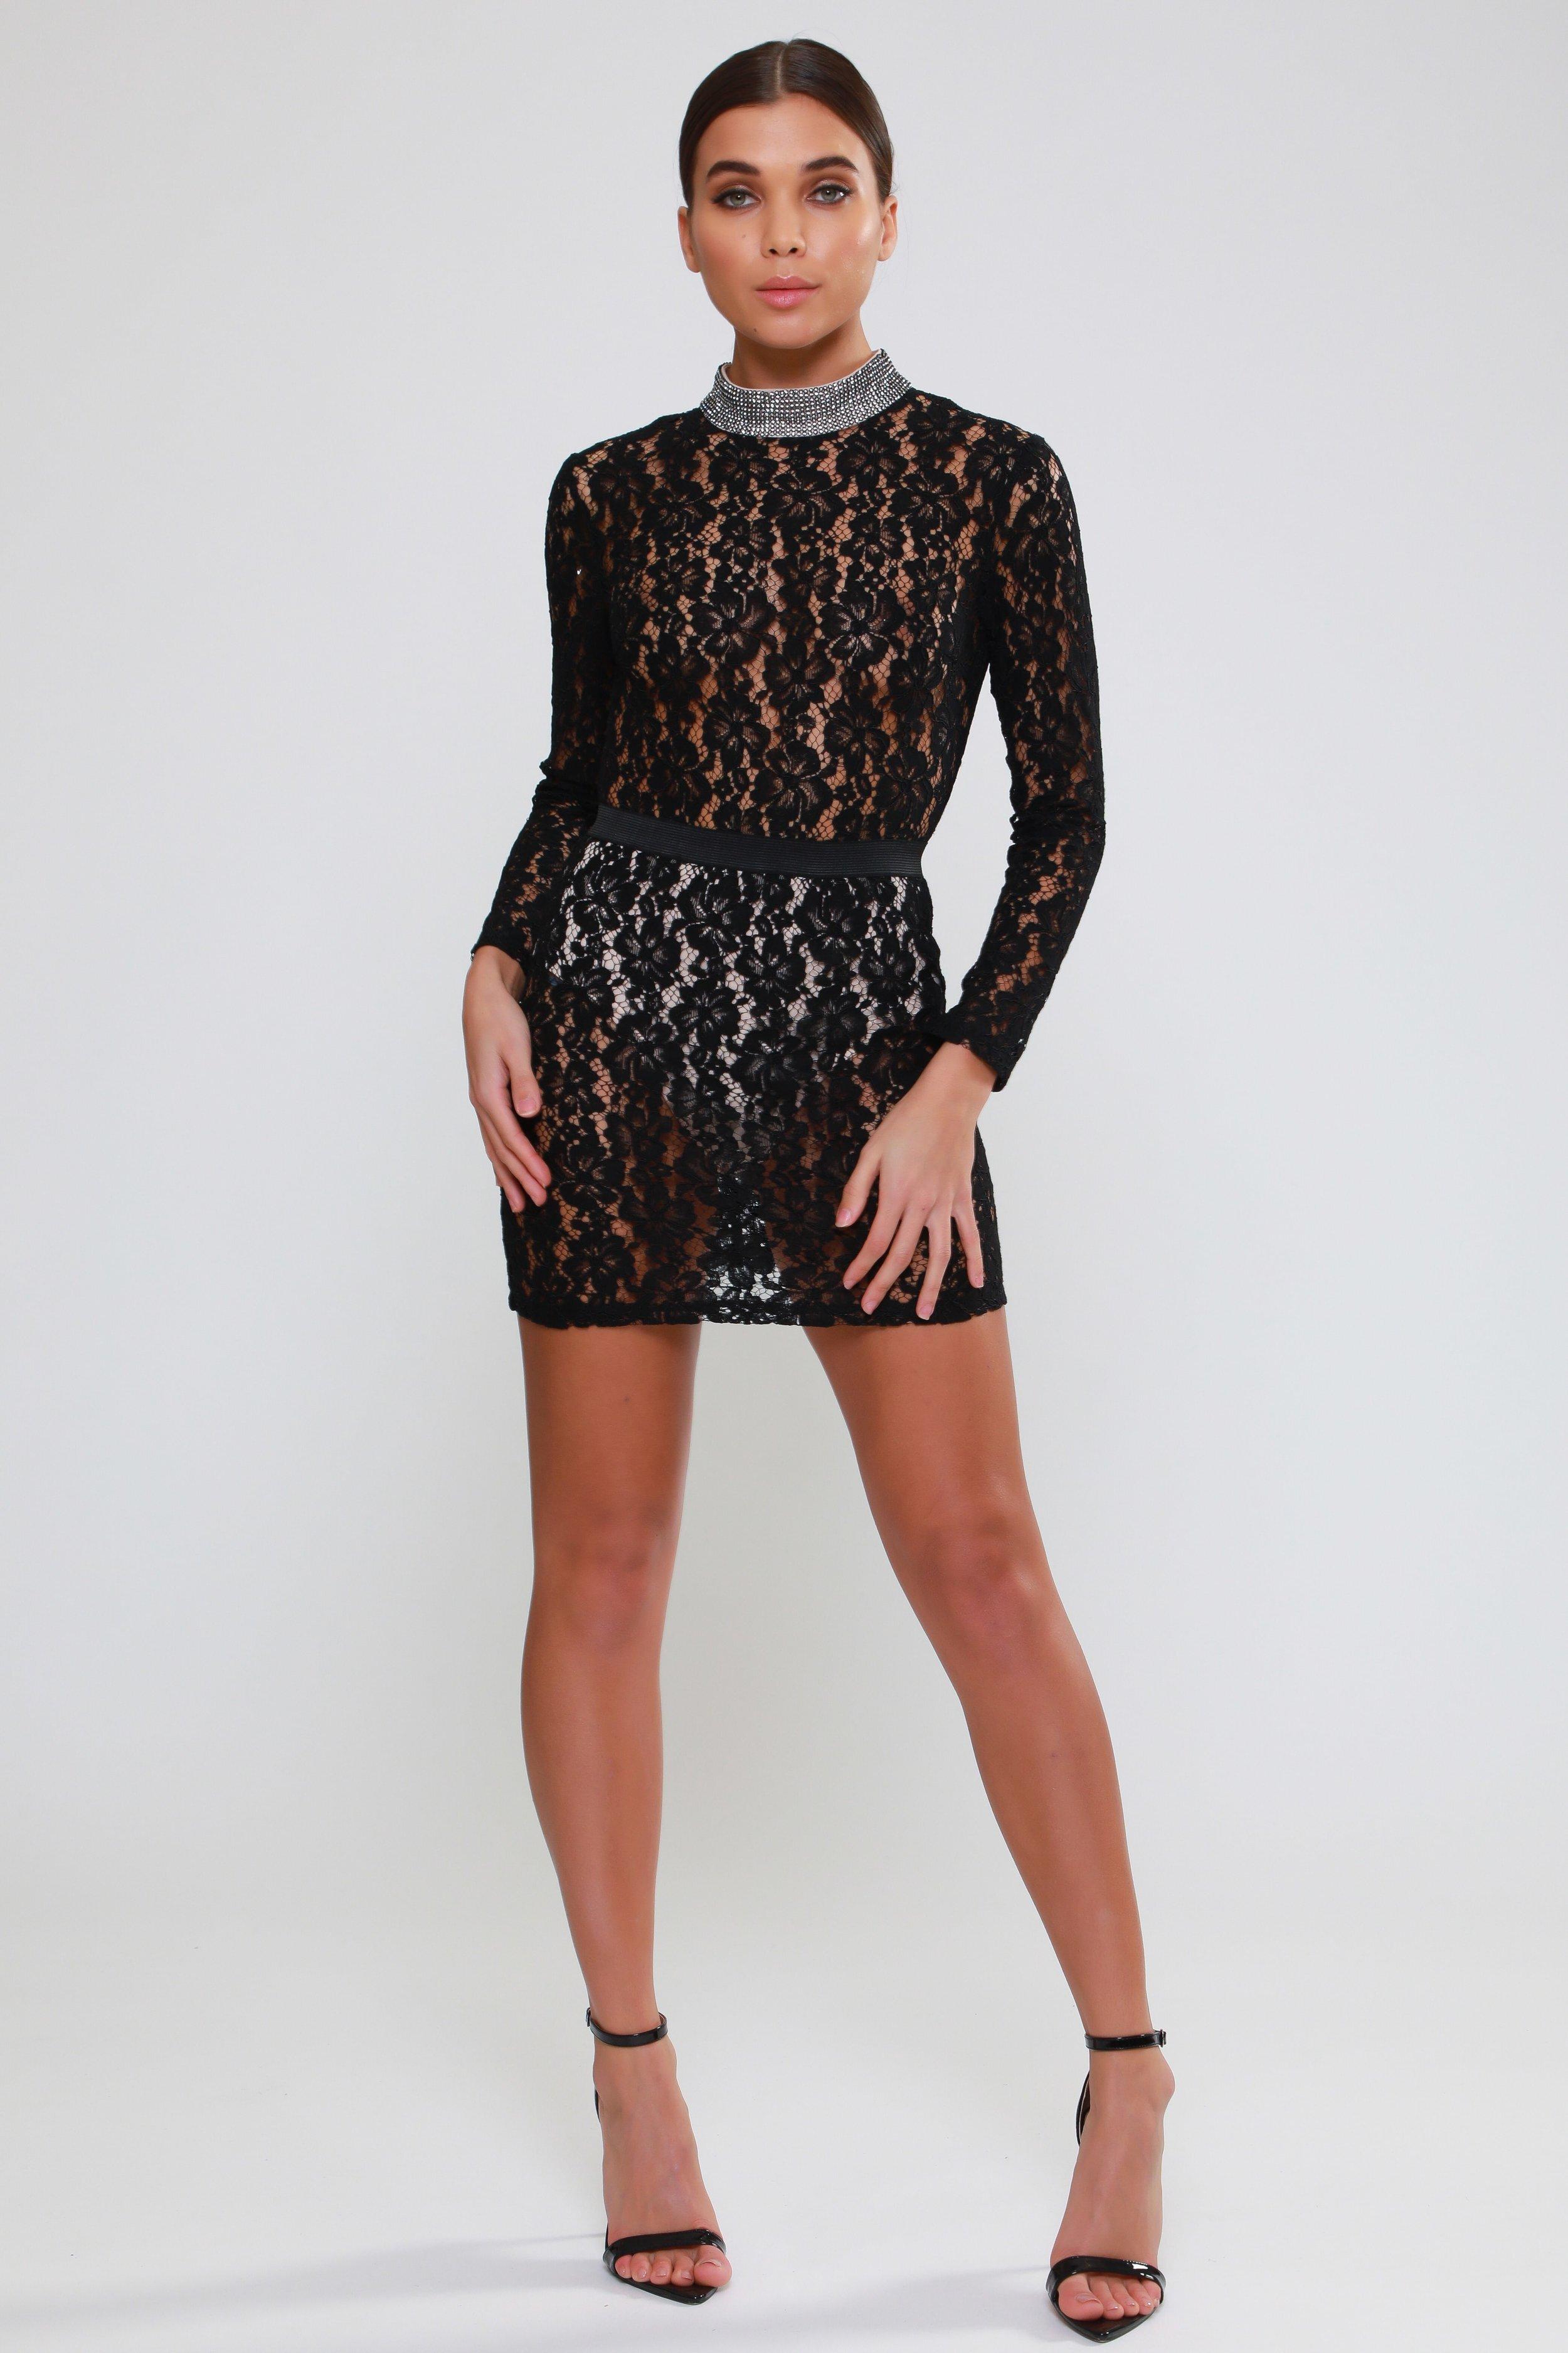 Diamante Neck  Trim Lace Dress   £70.00